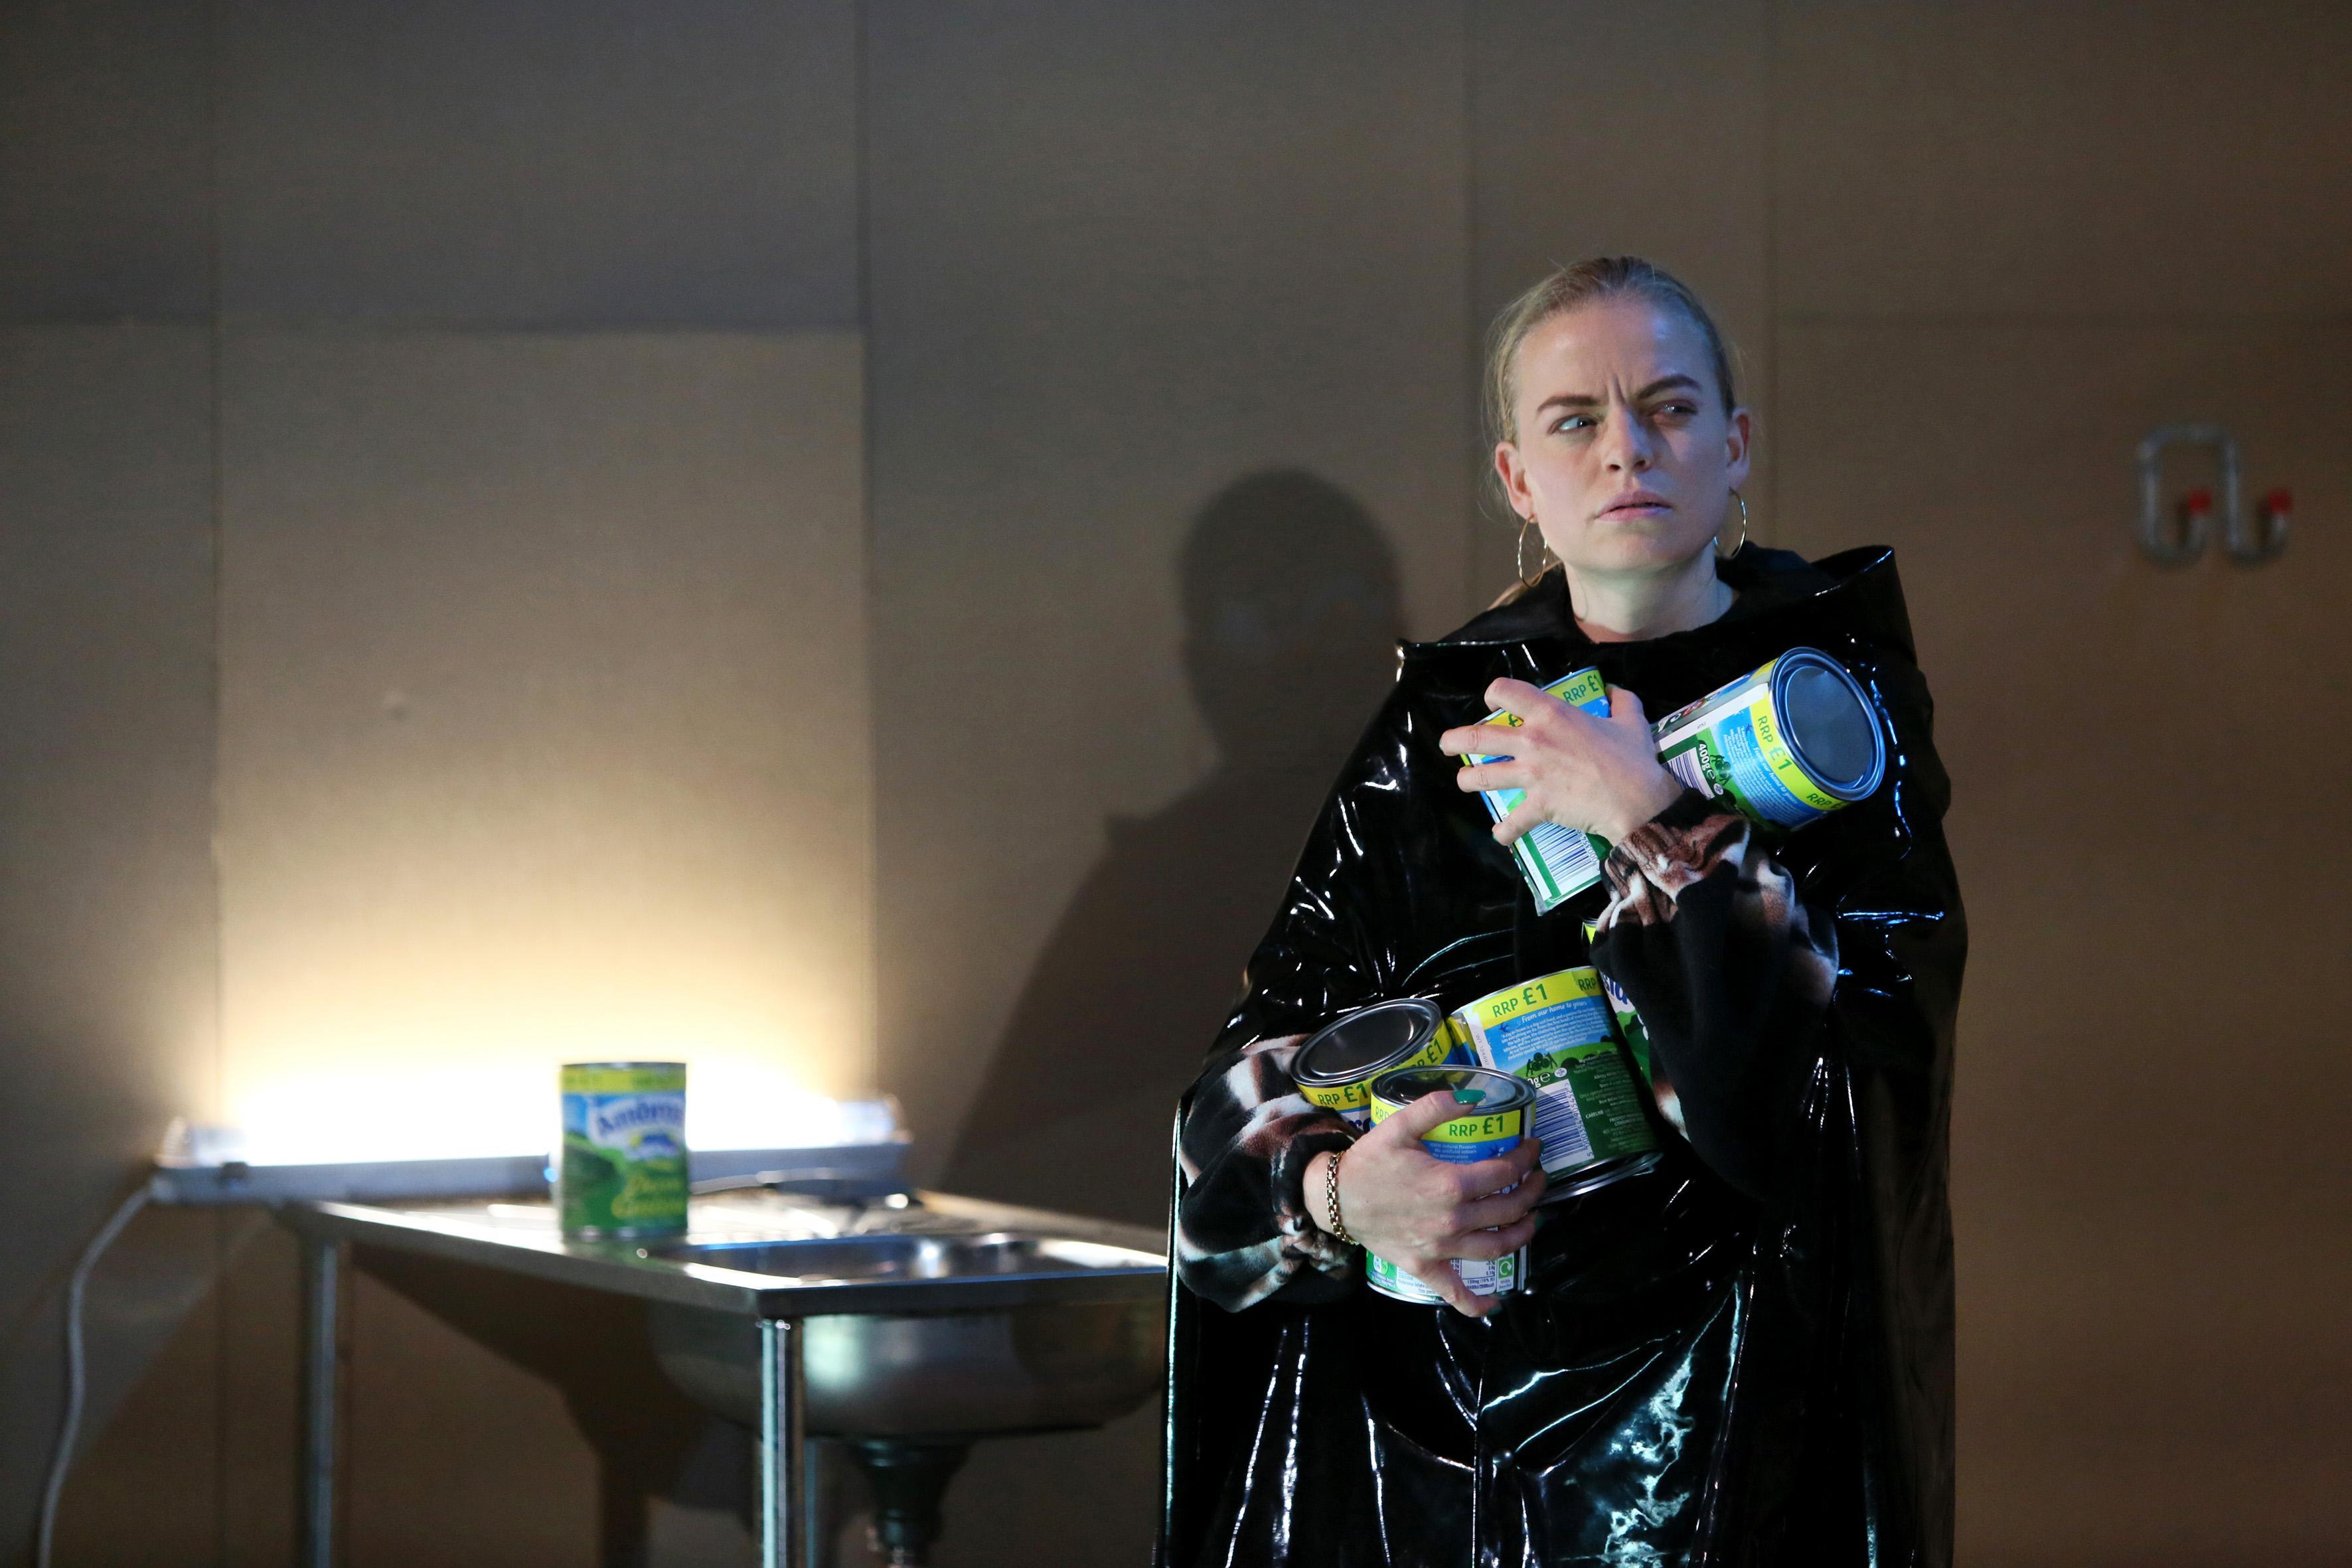 Recensie: The Beauty Queen of Leenane van Toneelschuur Producties is grimmig, gruwelijk maar ook grappig